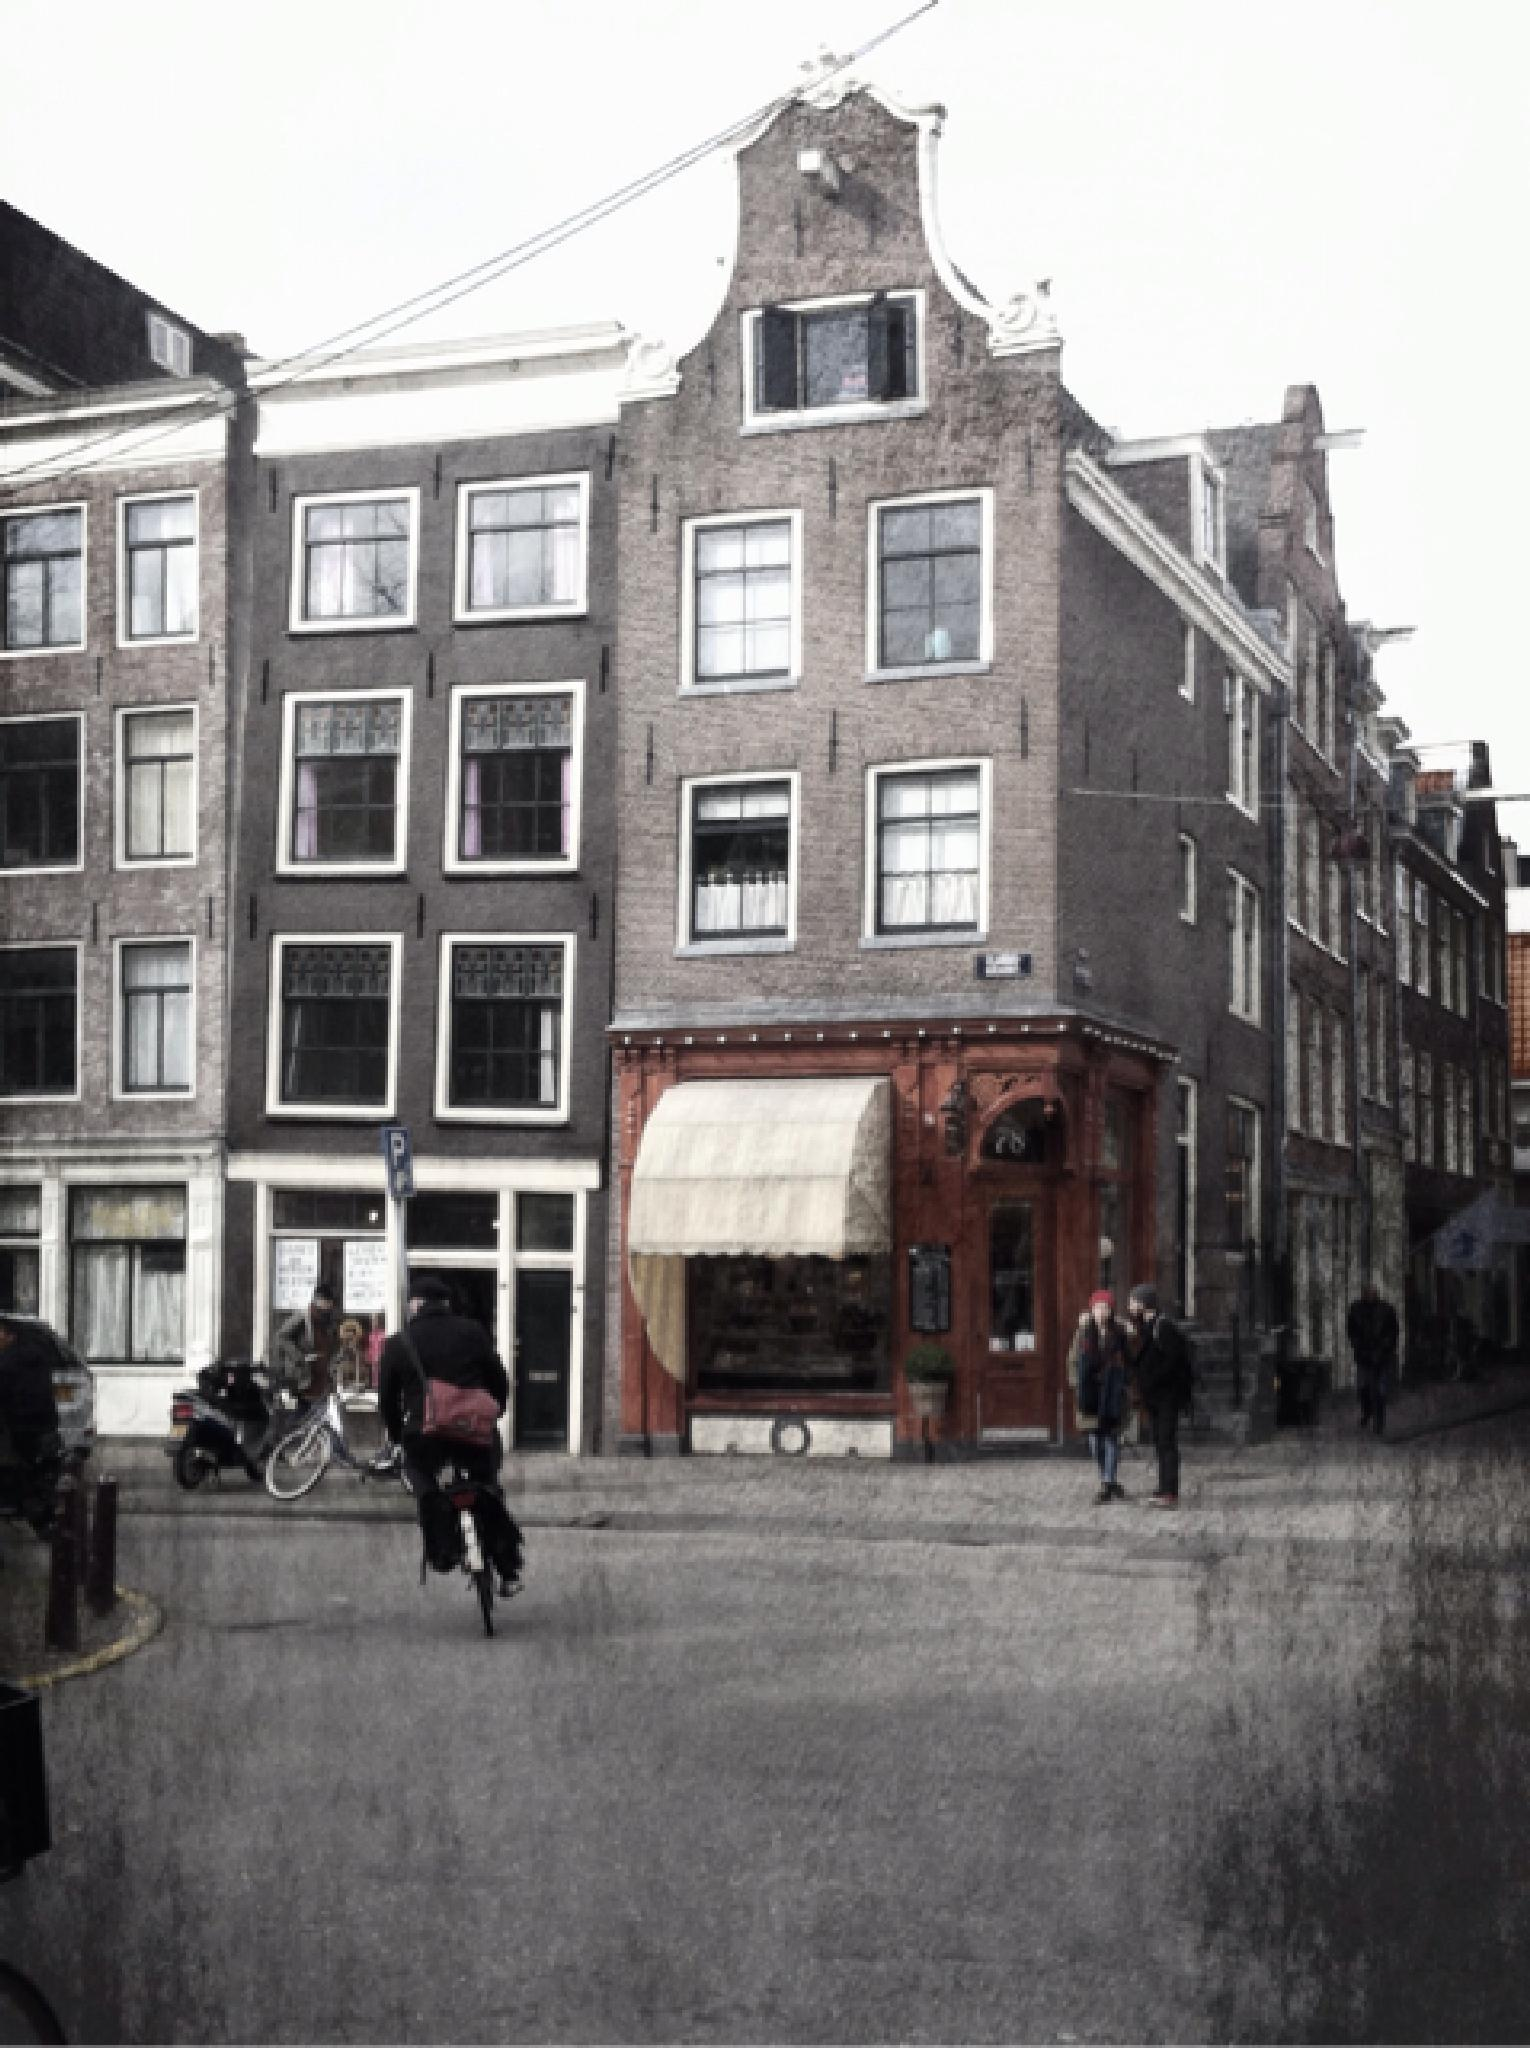 Amsterdam by patrick vischschraper